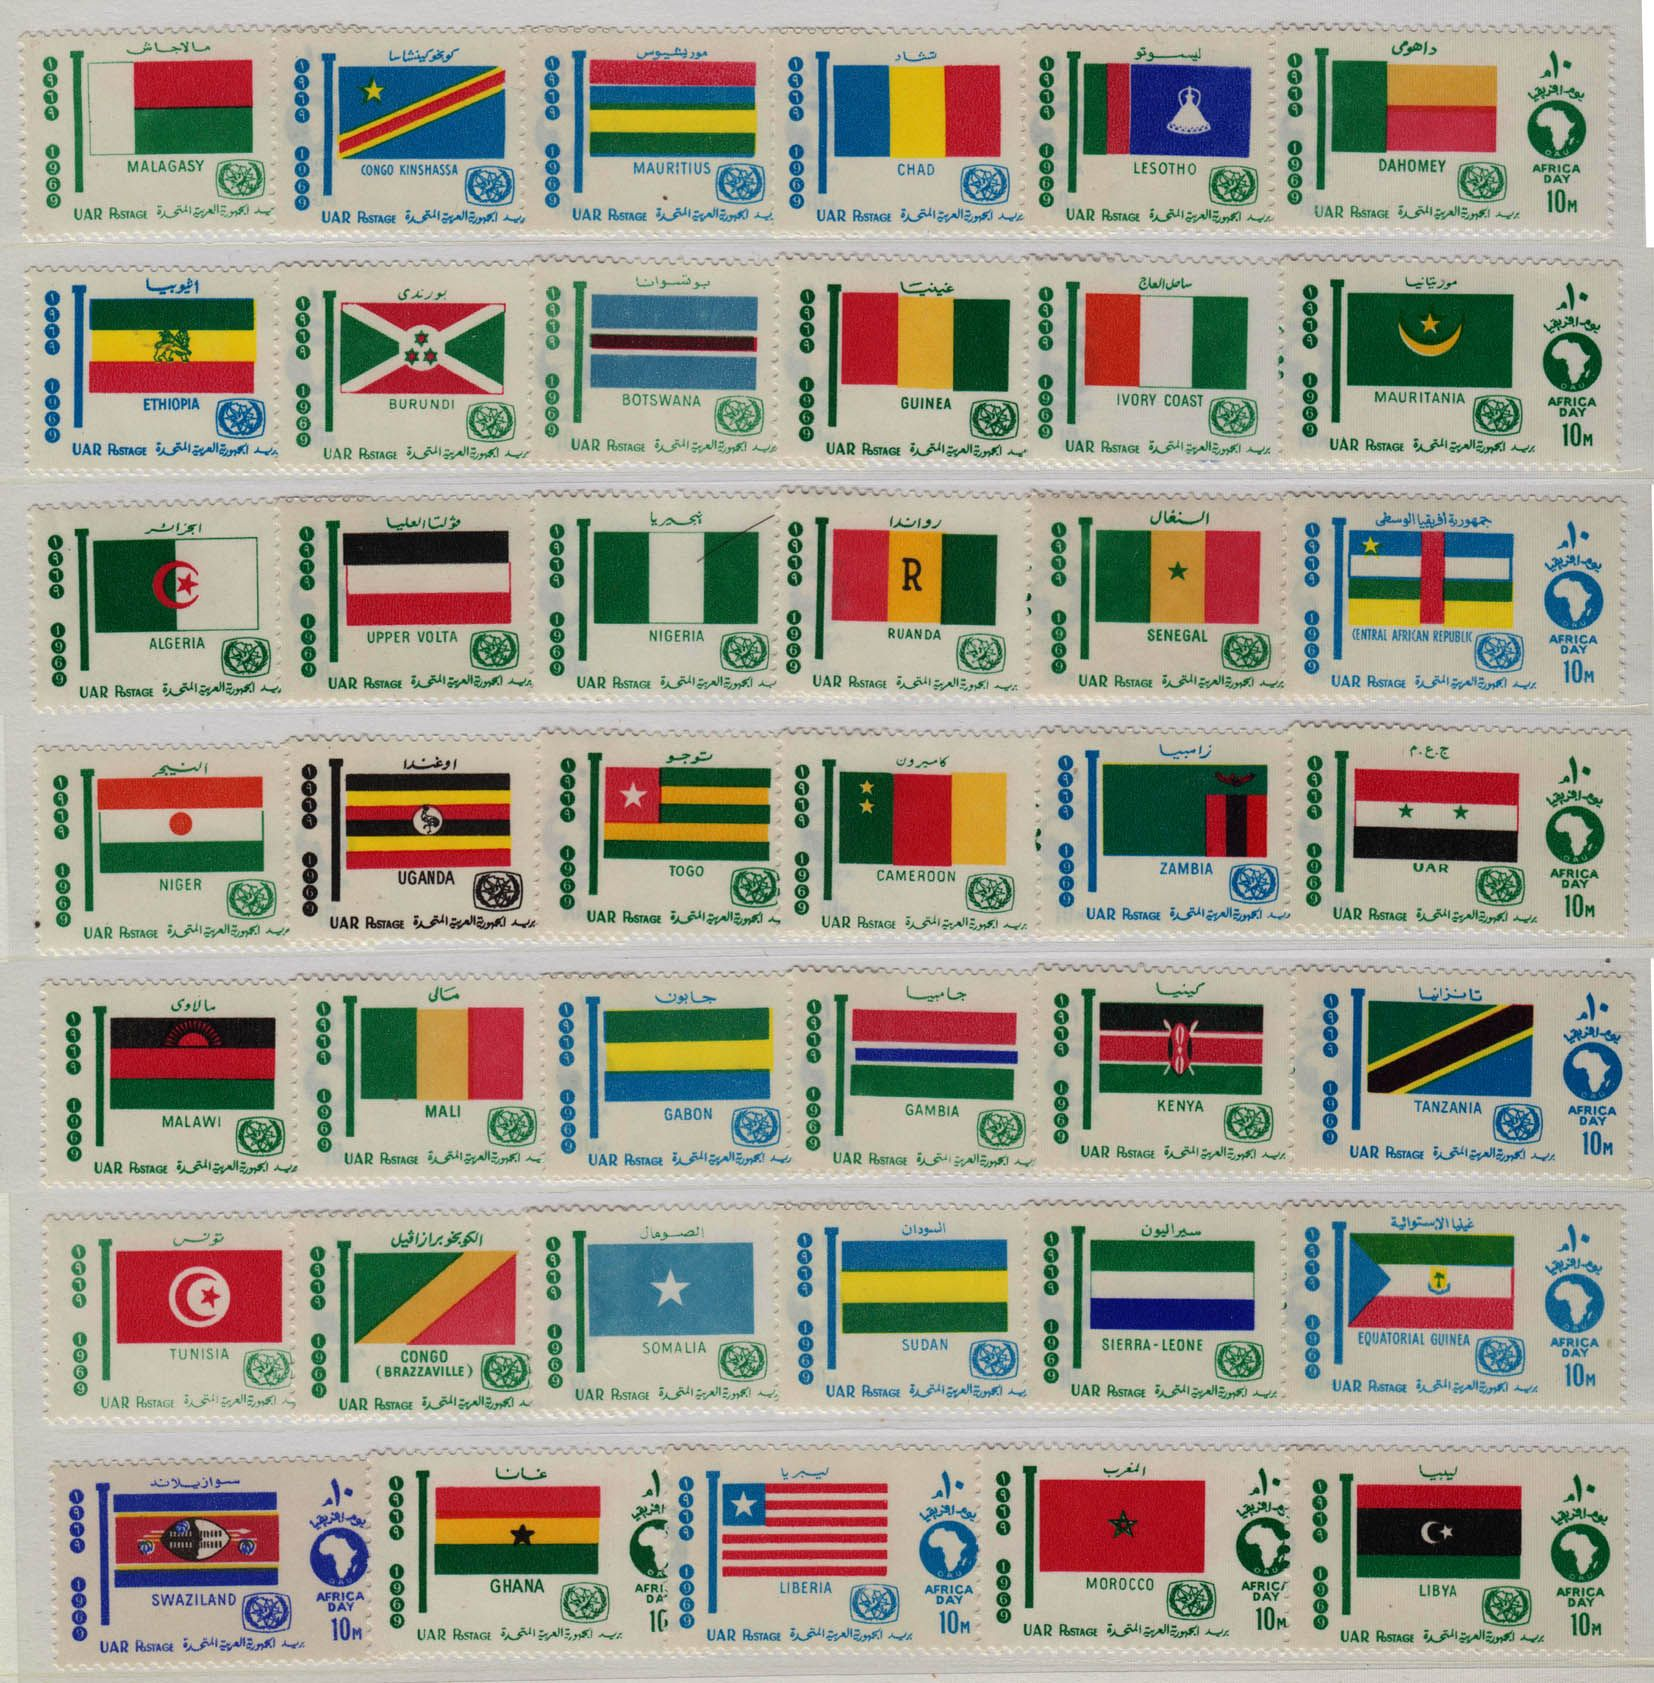 埃及 阿联酋 1969年非洲国家国旗41全 高清图片